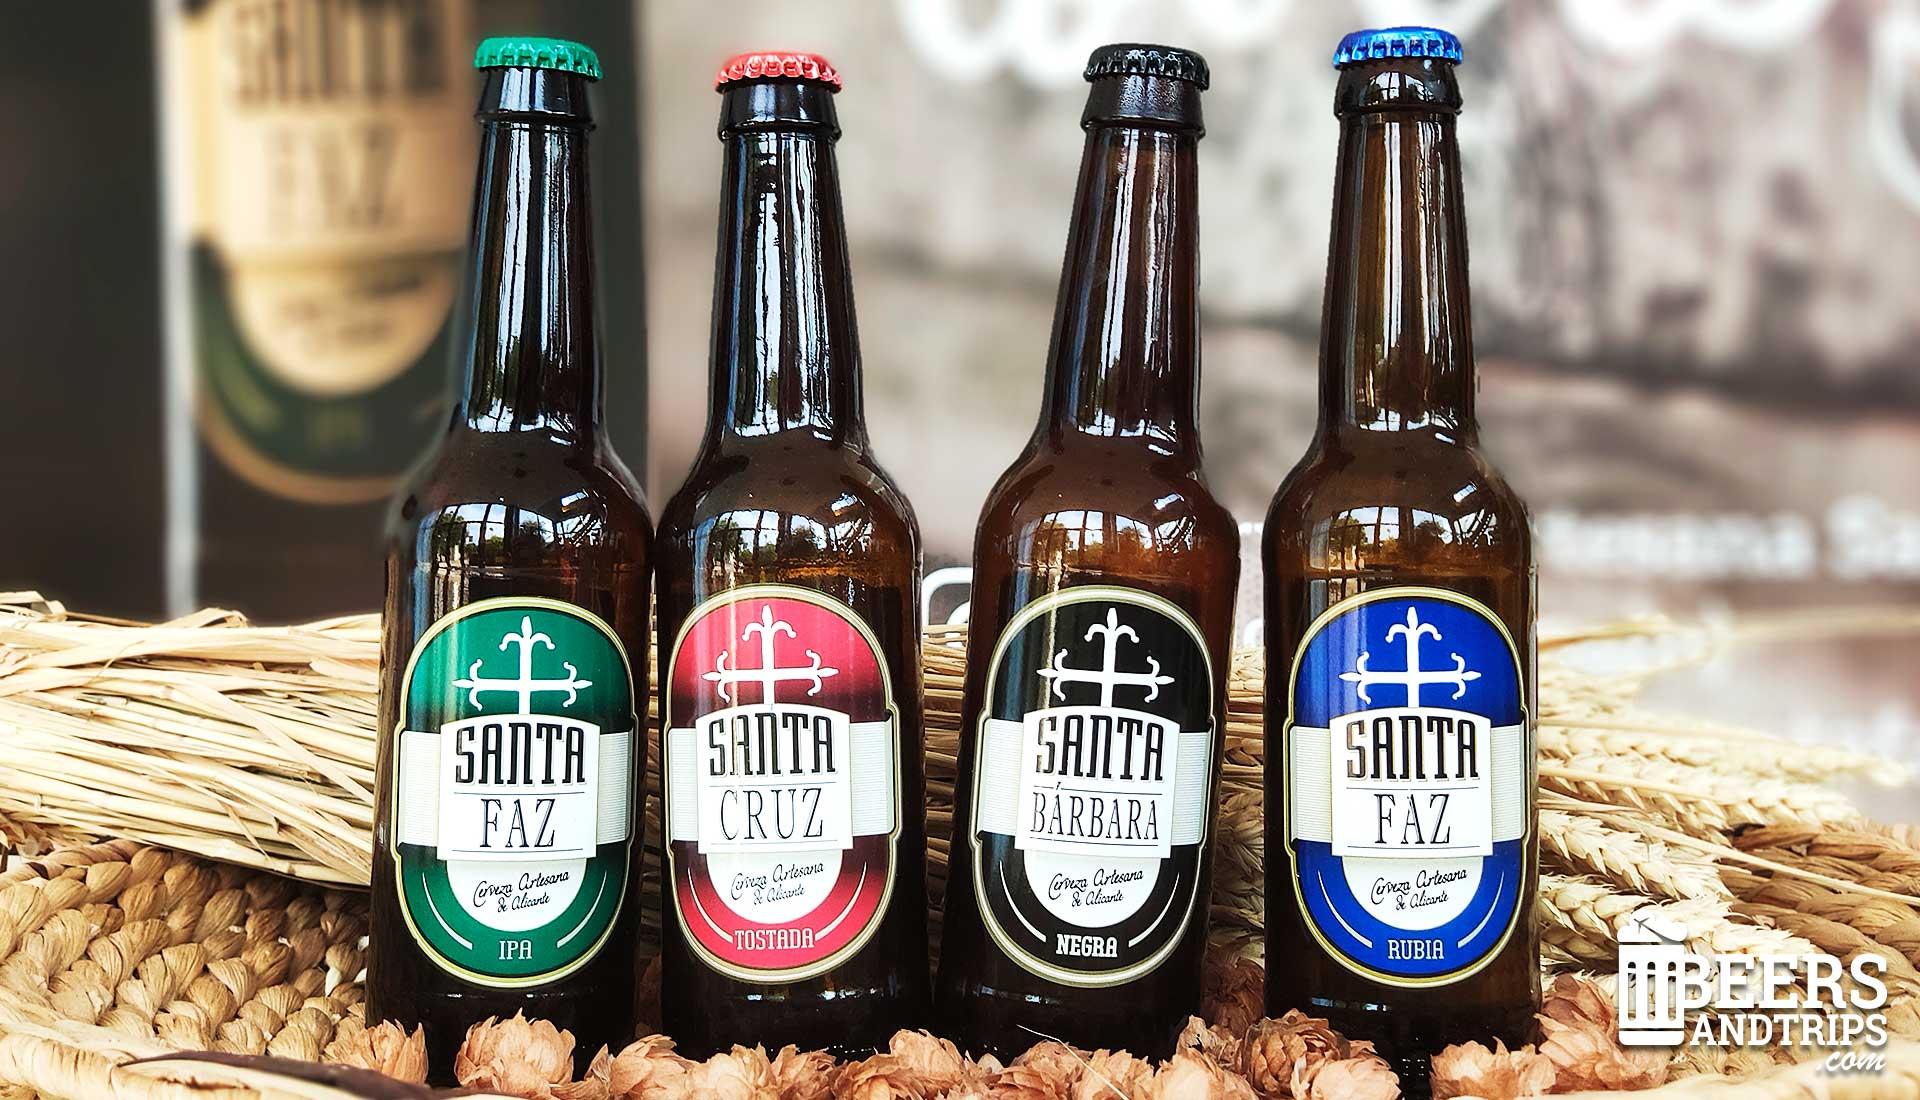 Cervezas Santa Faz: IPA, Brown Ale, Bock y Blonde Ale